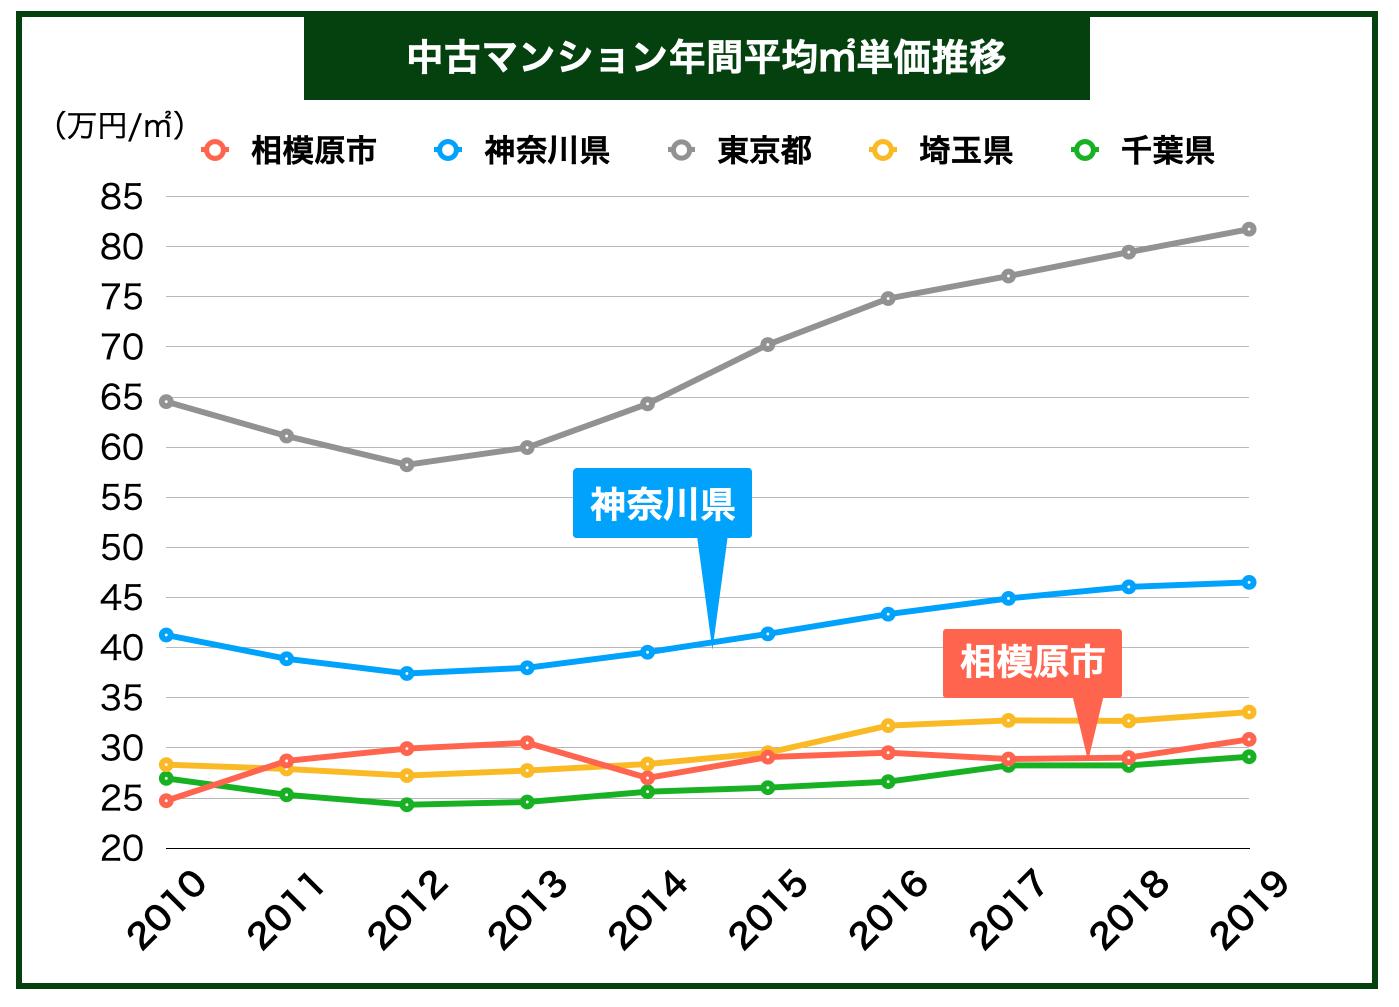 「中古マンション平均㎡単価推移」